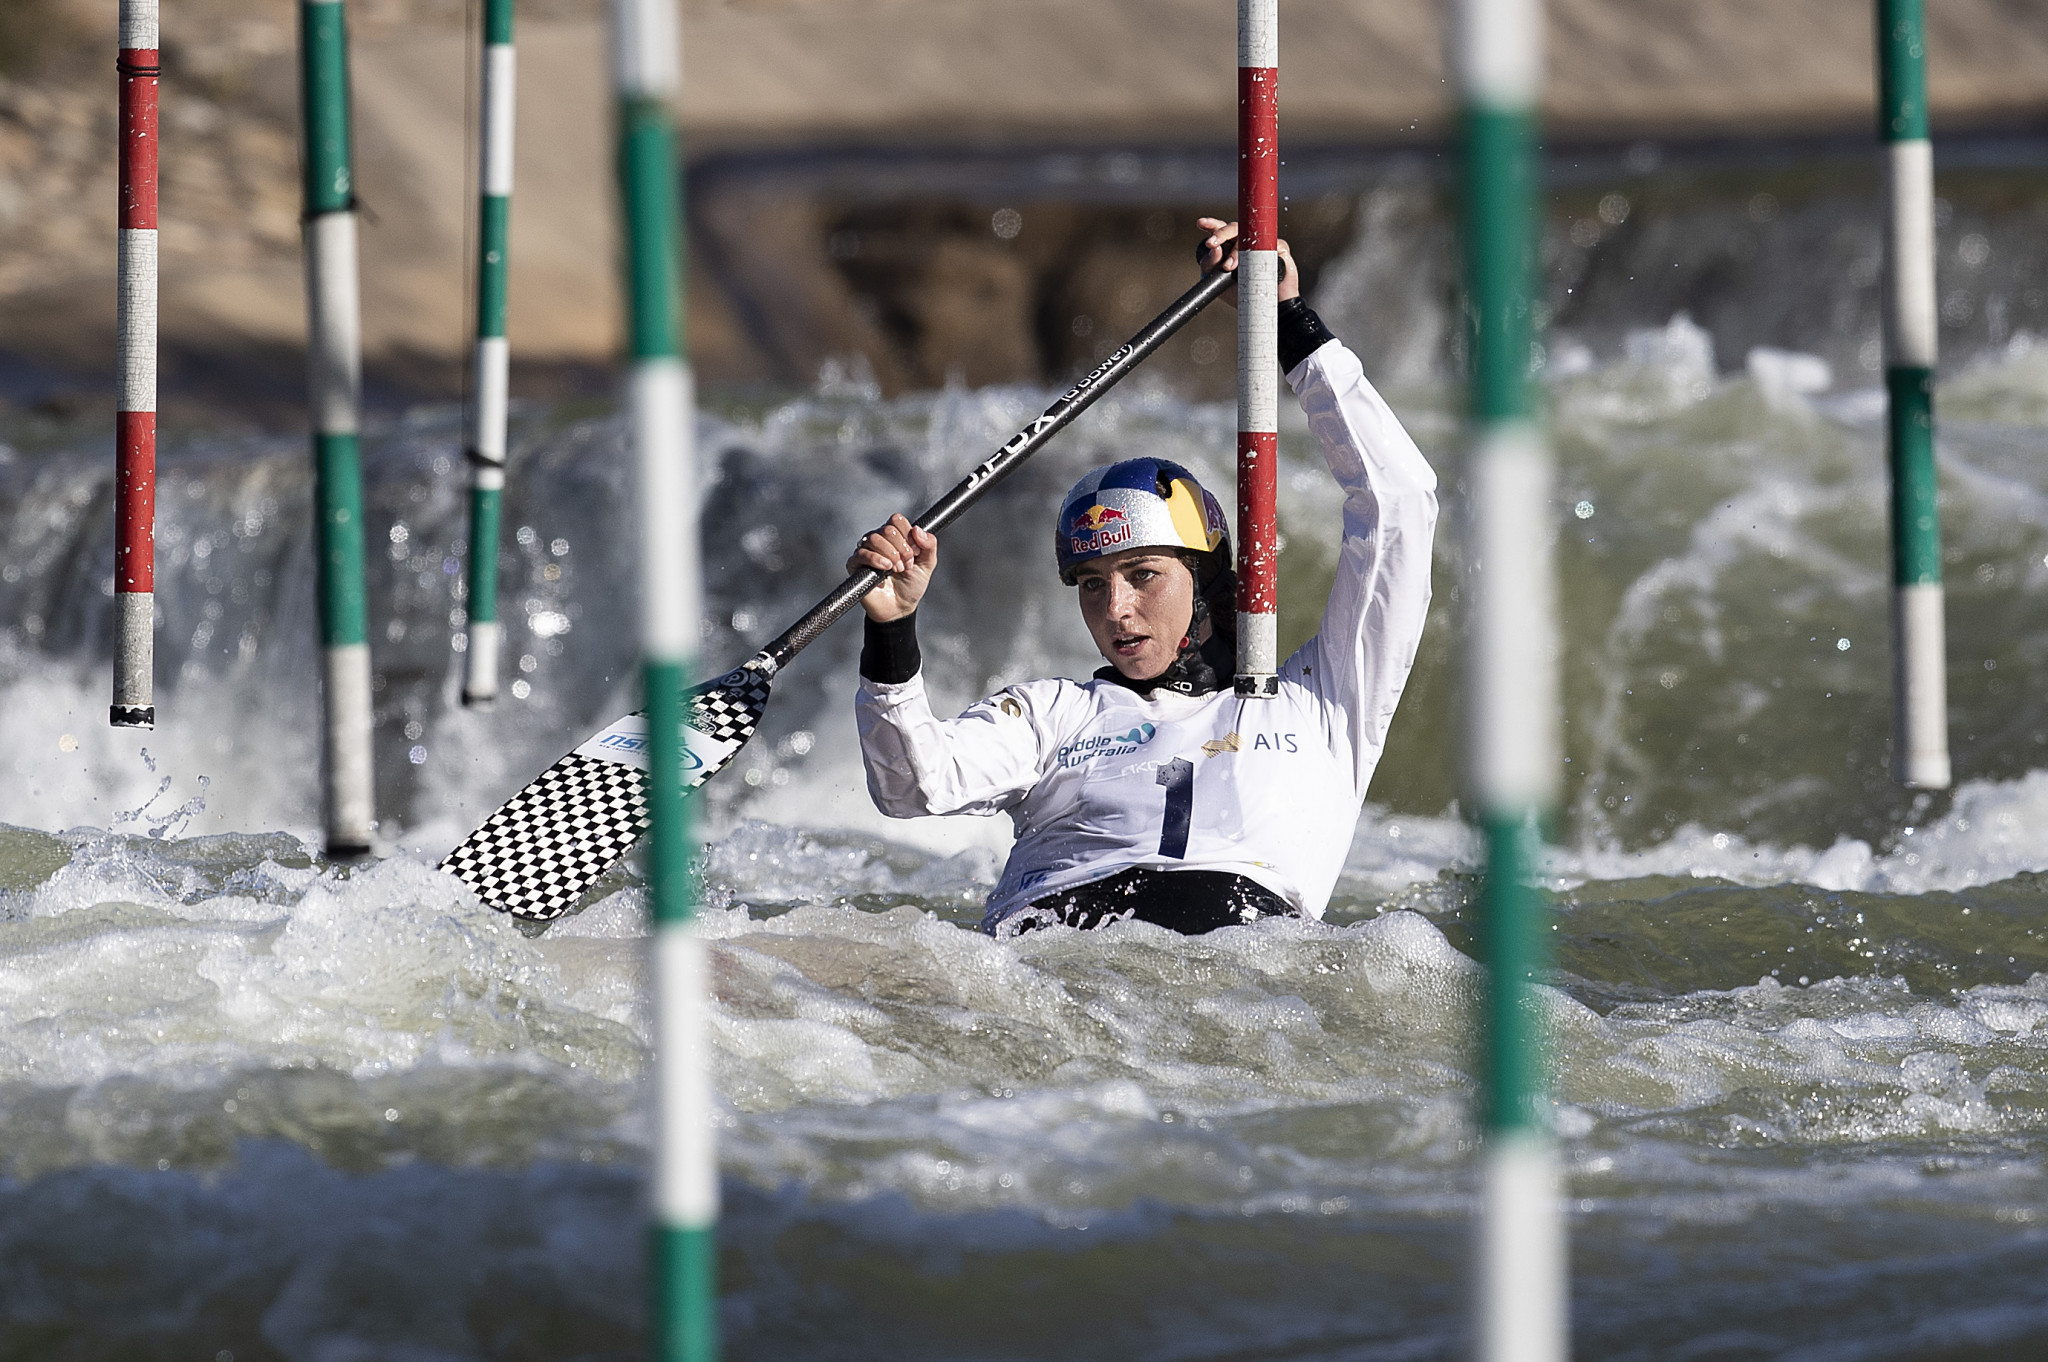 Sydney awarded 2025 ICF Canoe Slalom World Championships